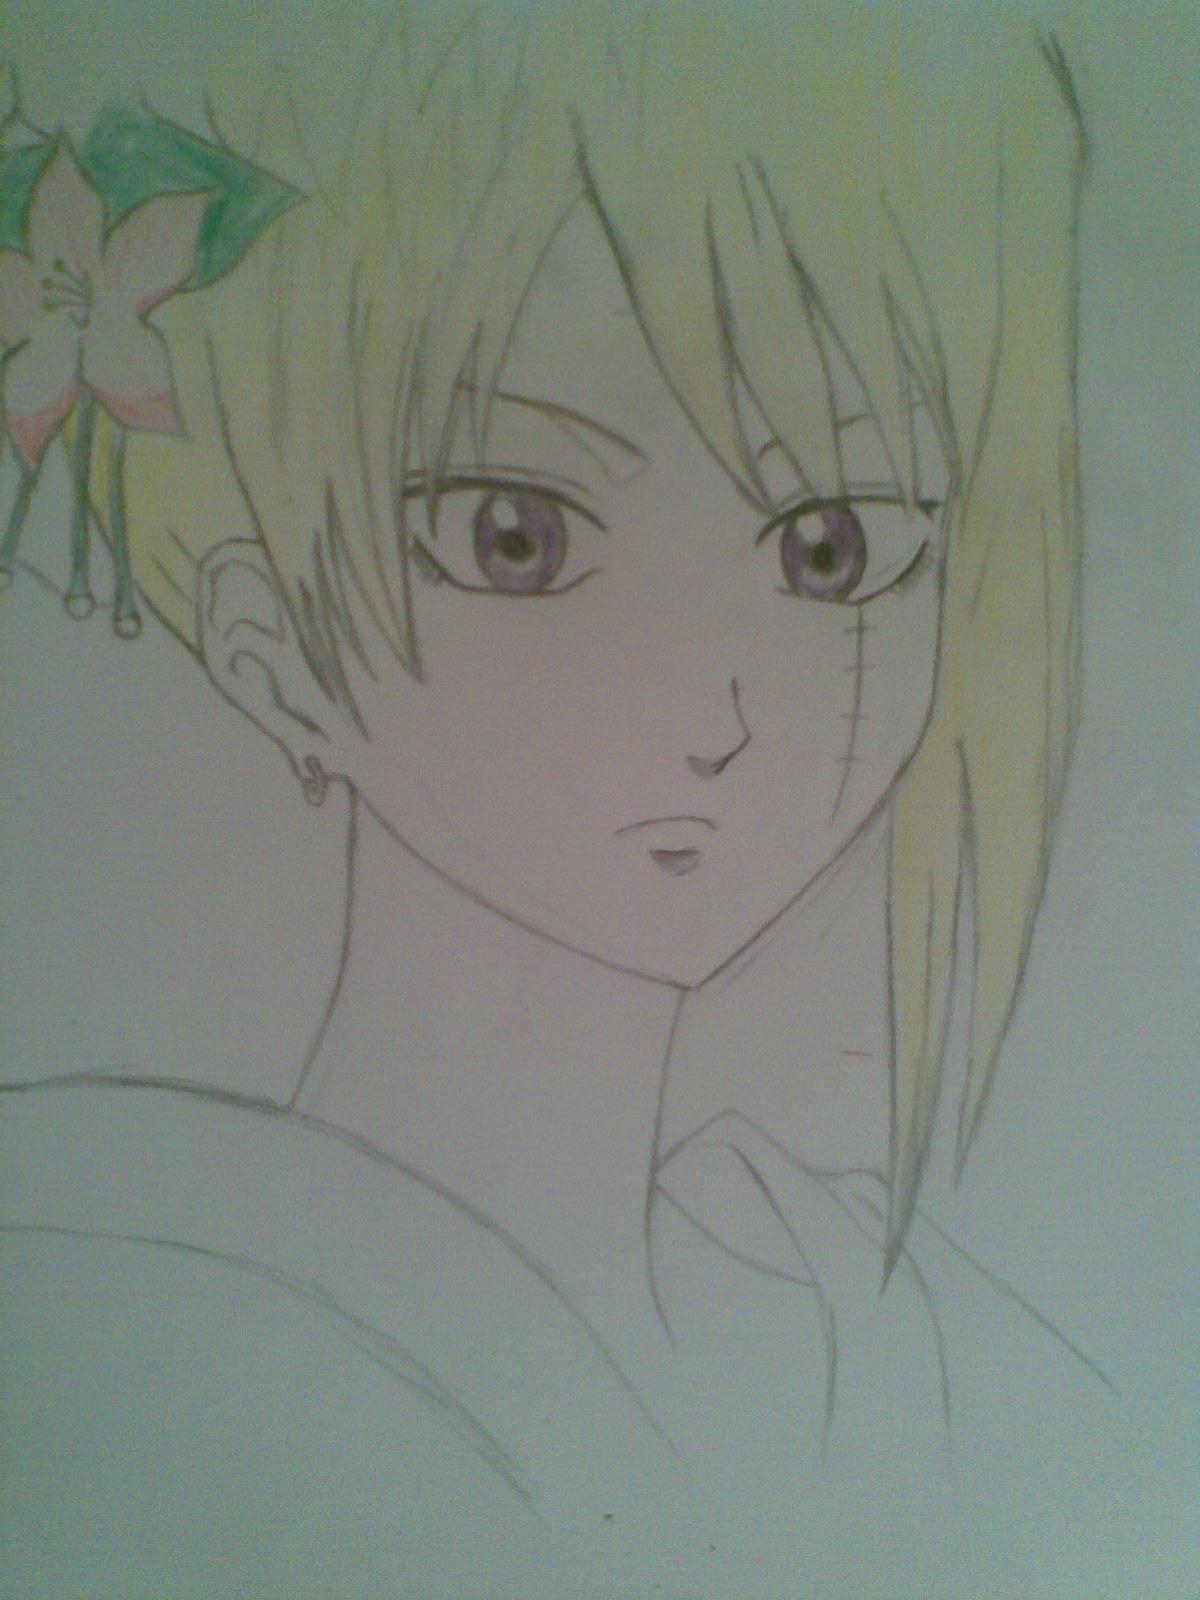 Мой арт) Dea0886123da